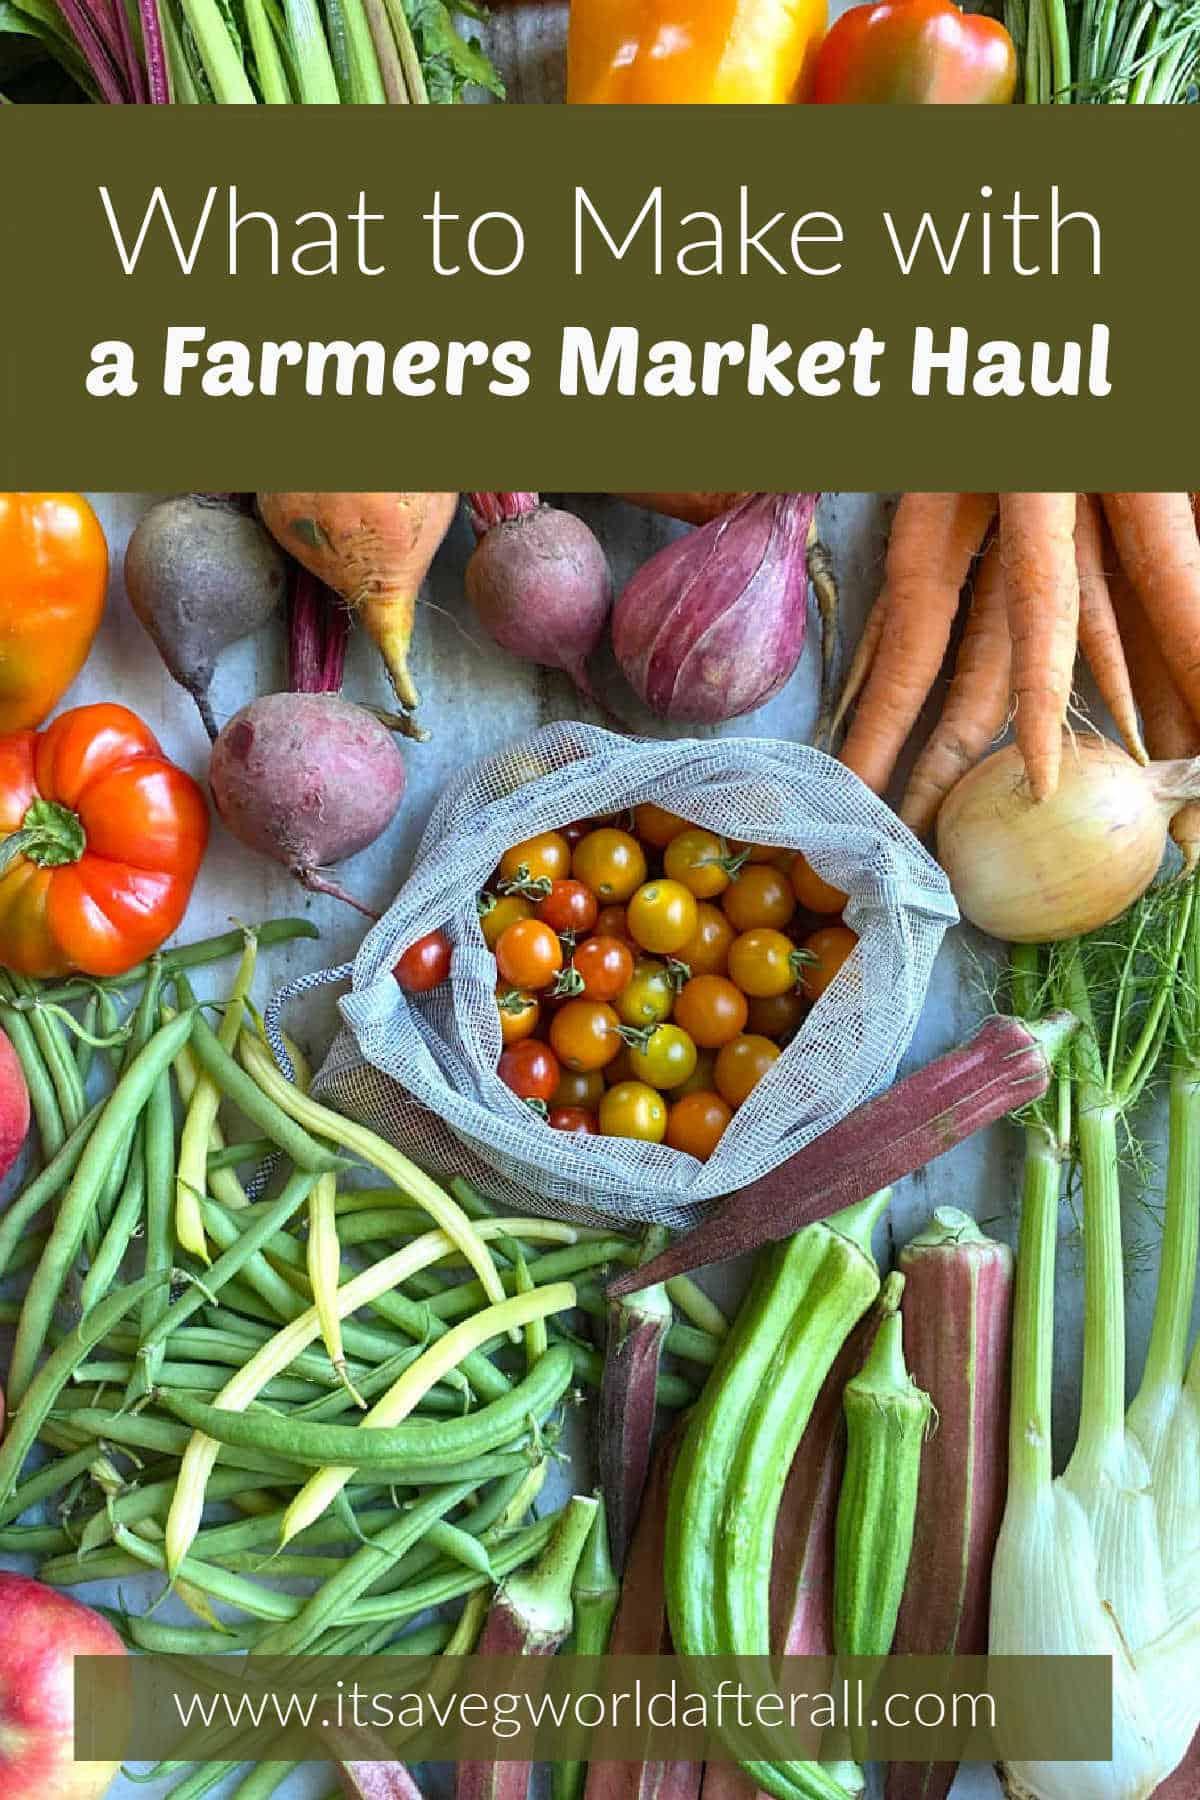 سبزیجات بازار مزرعه با پست مقاله ، عنوان و وب سایت در قفسه ها پخش می شود